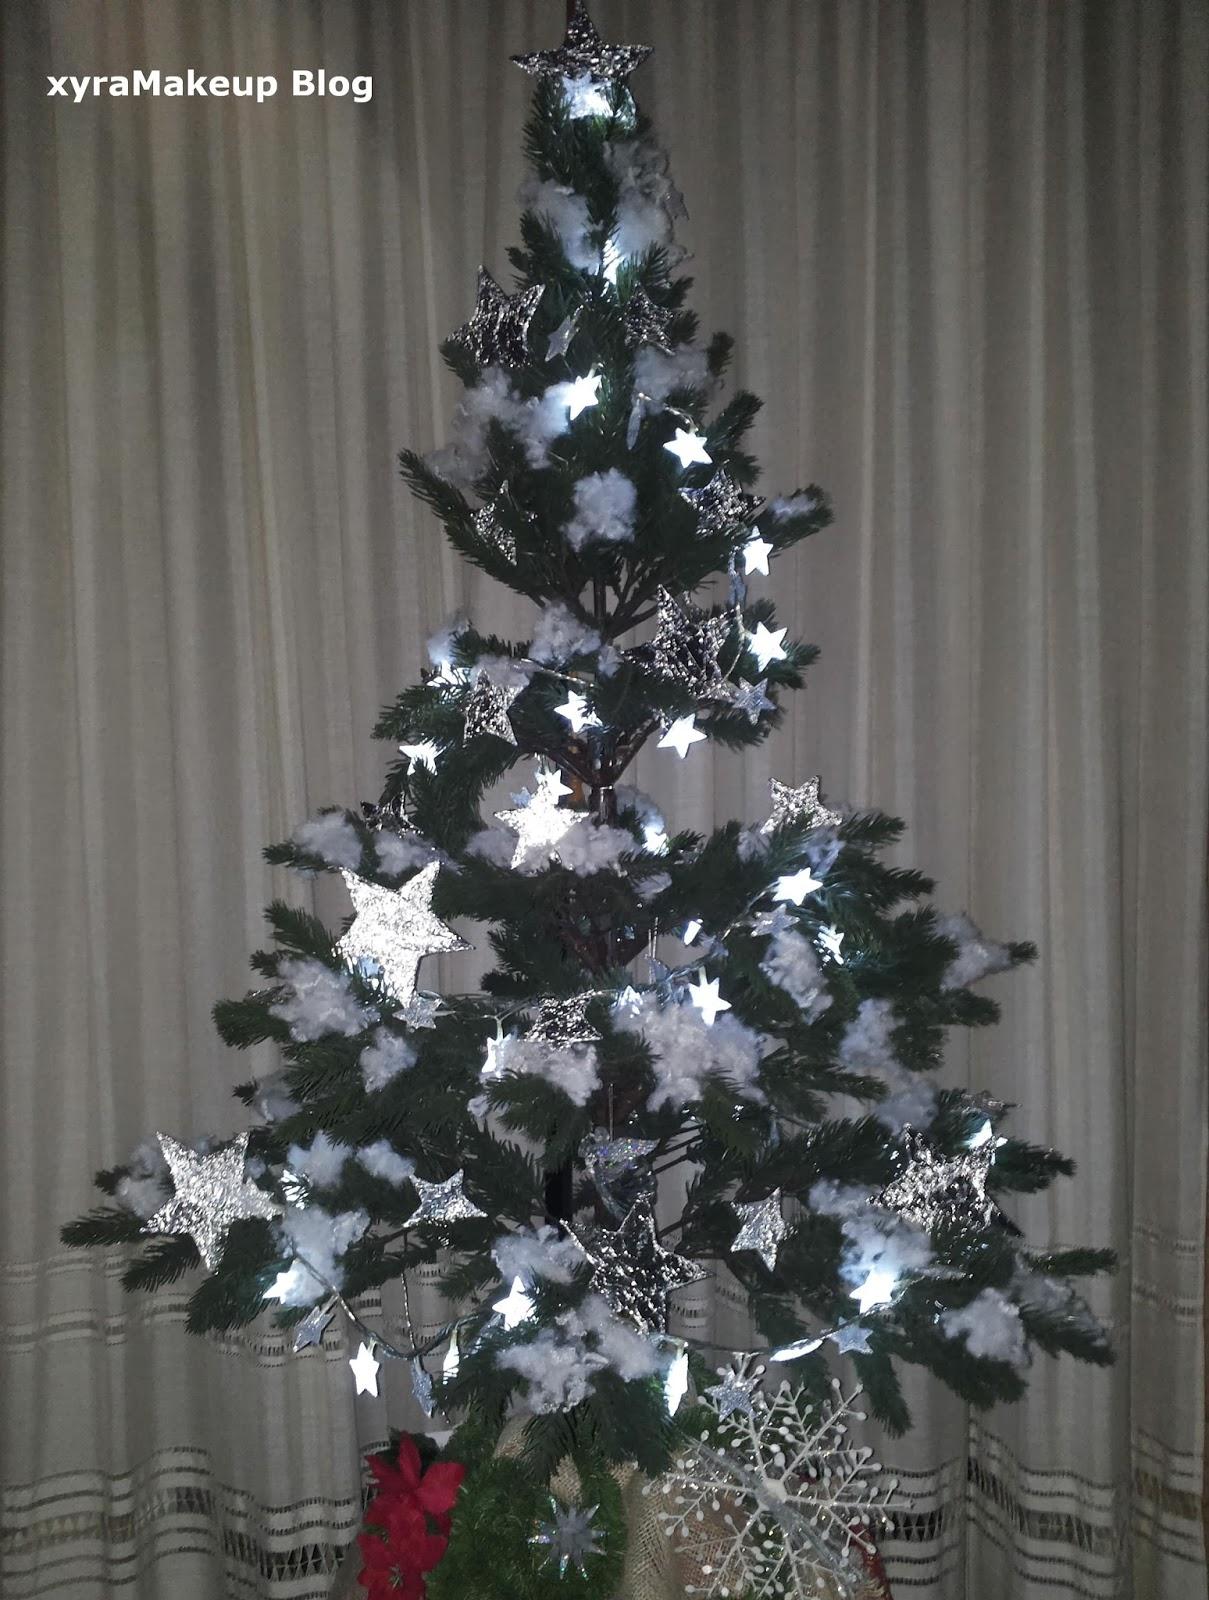 Addobbi natalizi fai da te albero stars and snow for Addobbi albero